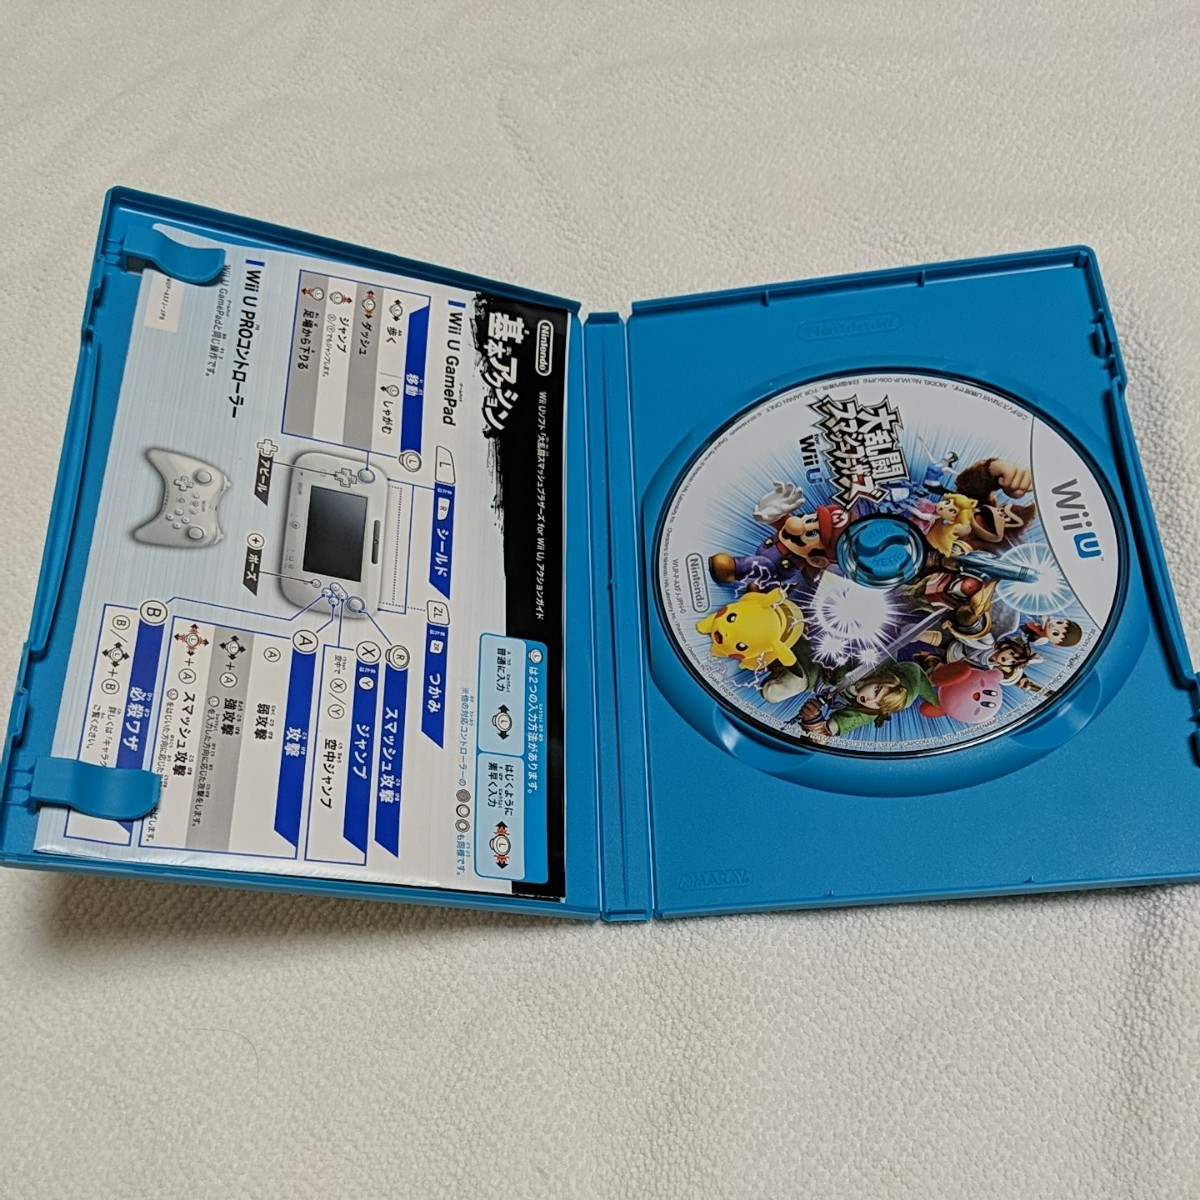 【専用商品】大乱闘スマッシュブラザーズfor Wii U